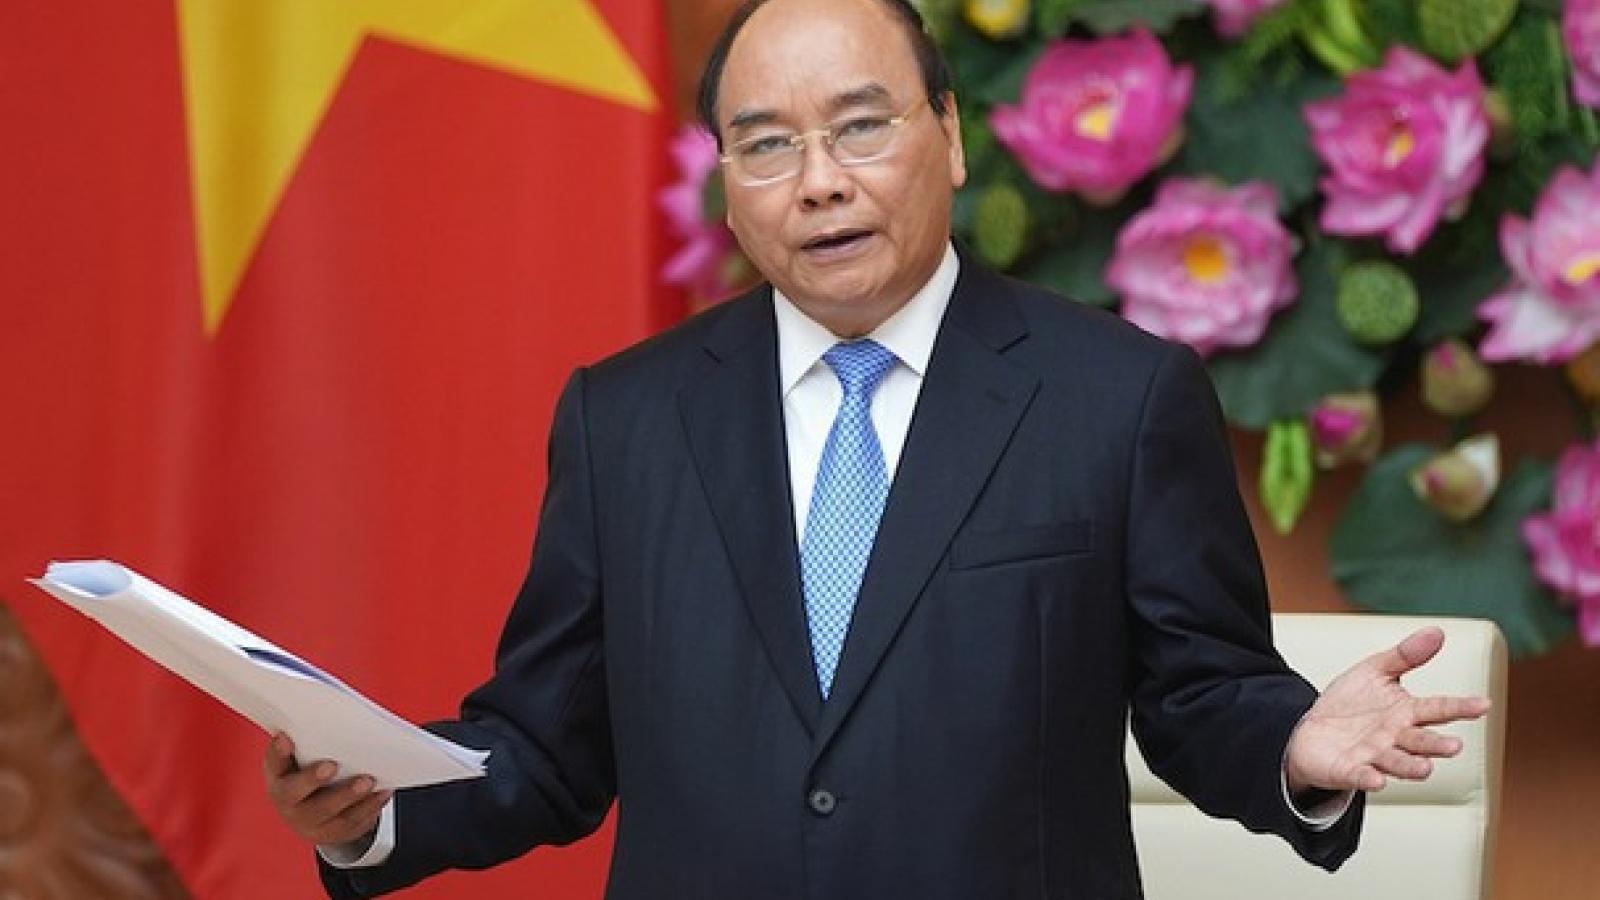 Thủ tướng hoan nghênh TP.HCM cam kết giải ngân hết vốn đầu tư công